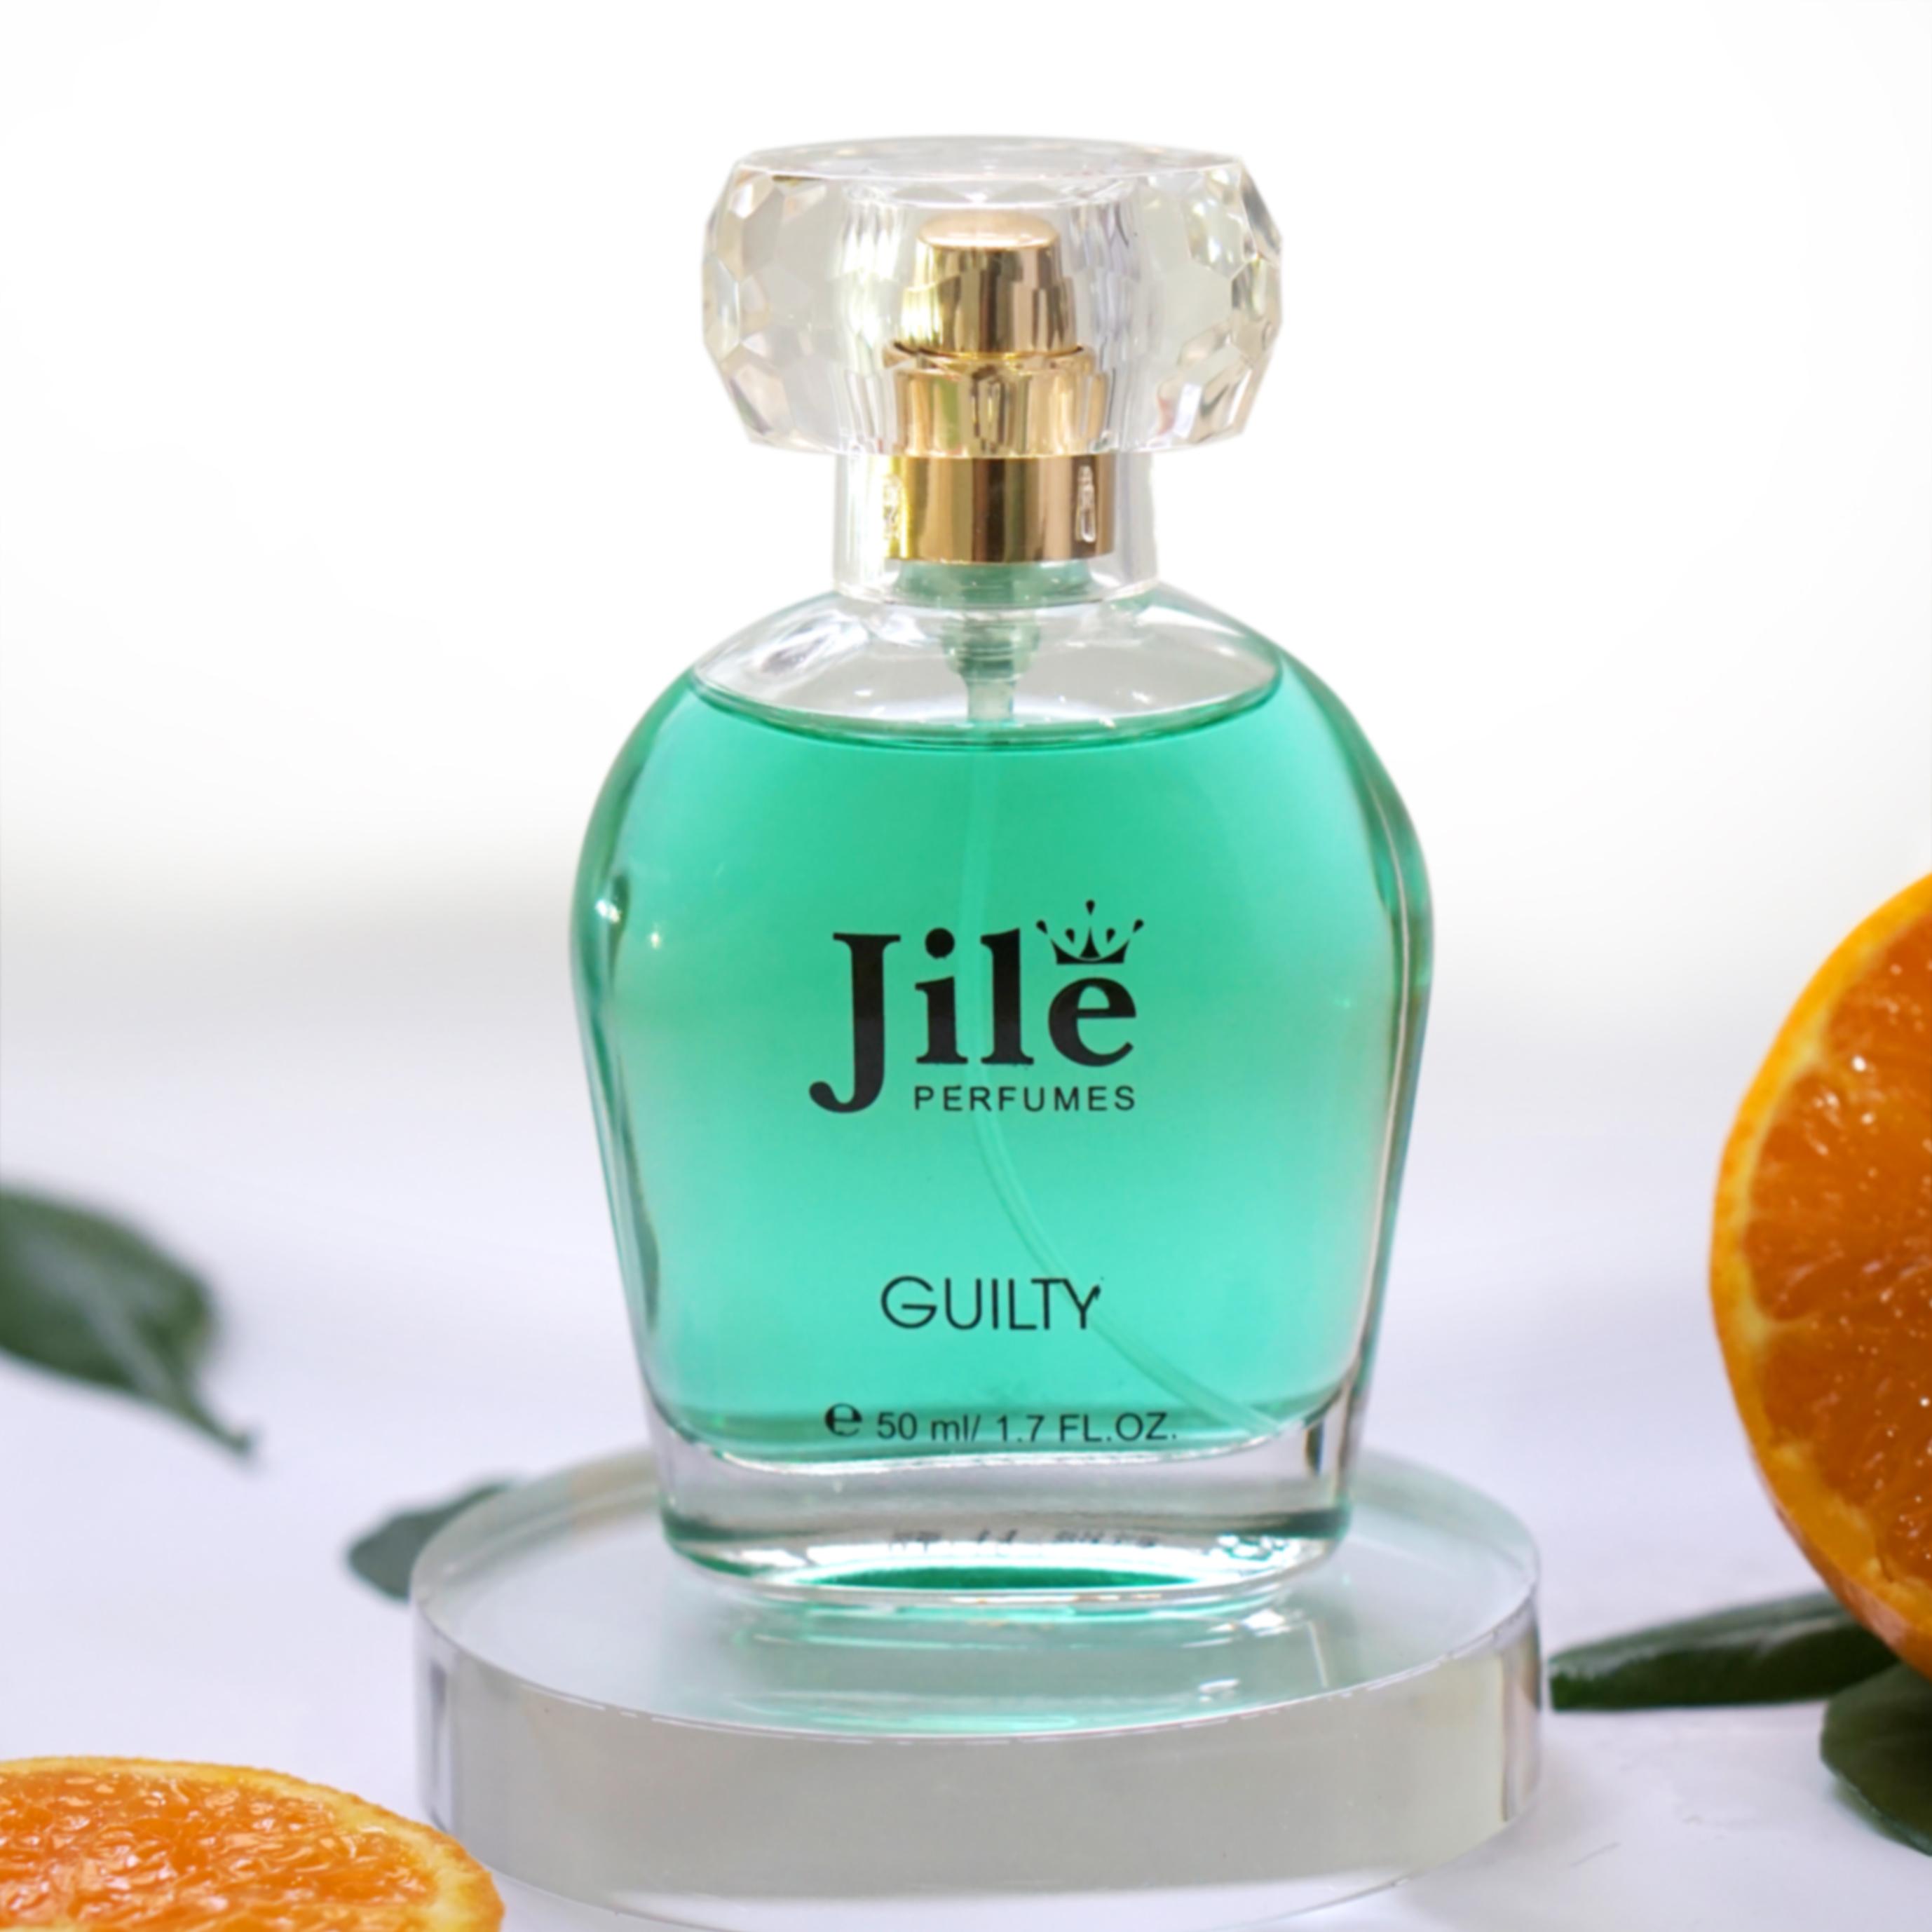 Combo nước hoa nữ Jile daisy(chane),Nước hoa nam Jile Guilty,50ml, cao cấp, chính hãng, thơm lâu